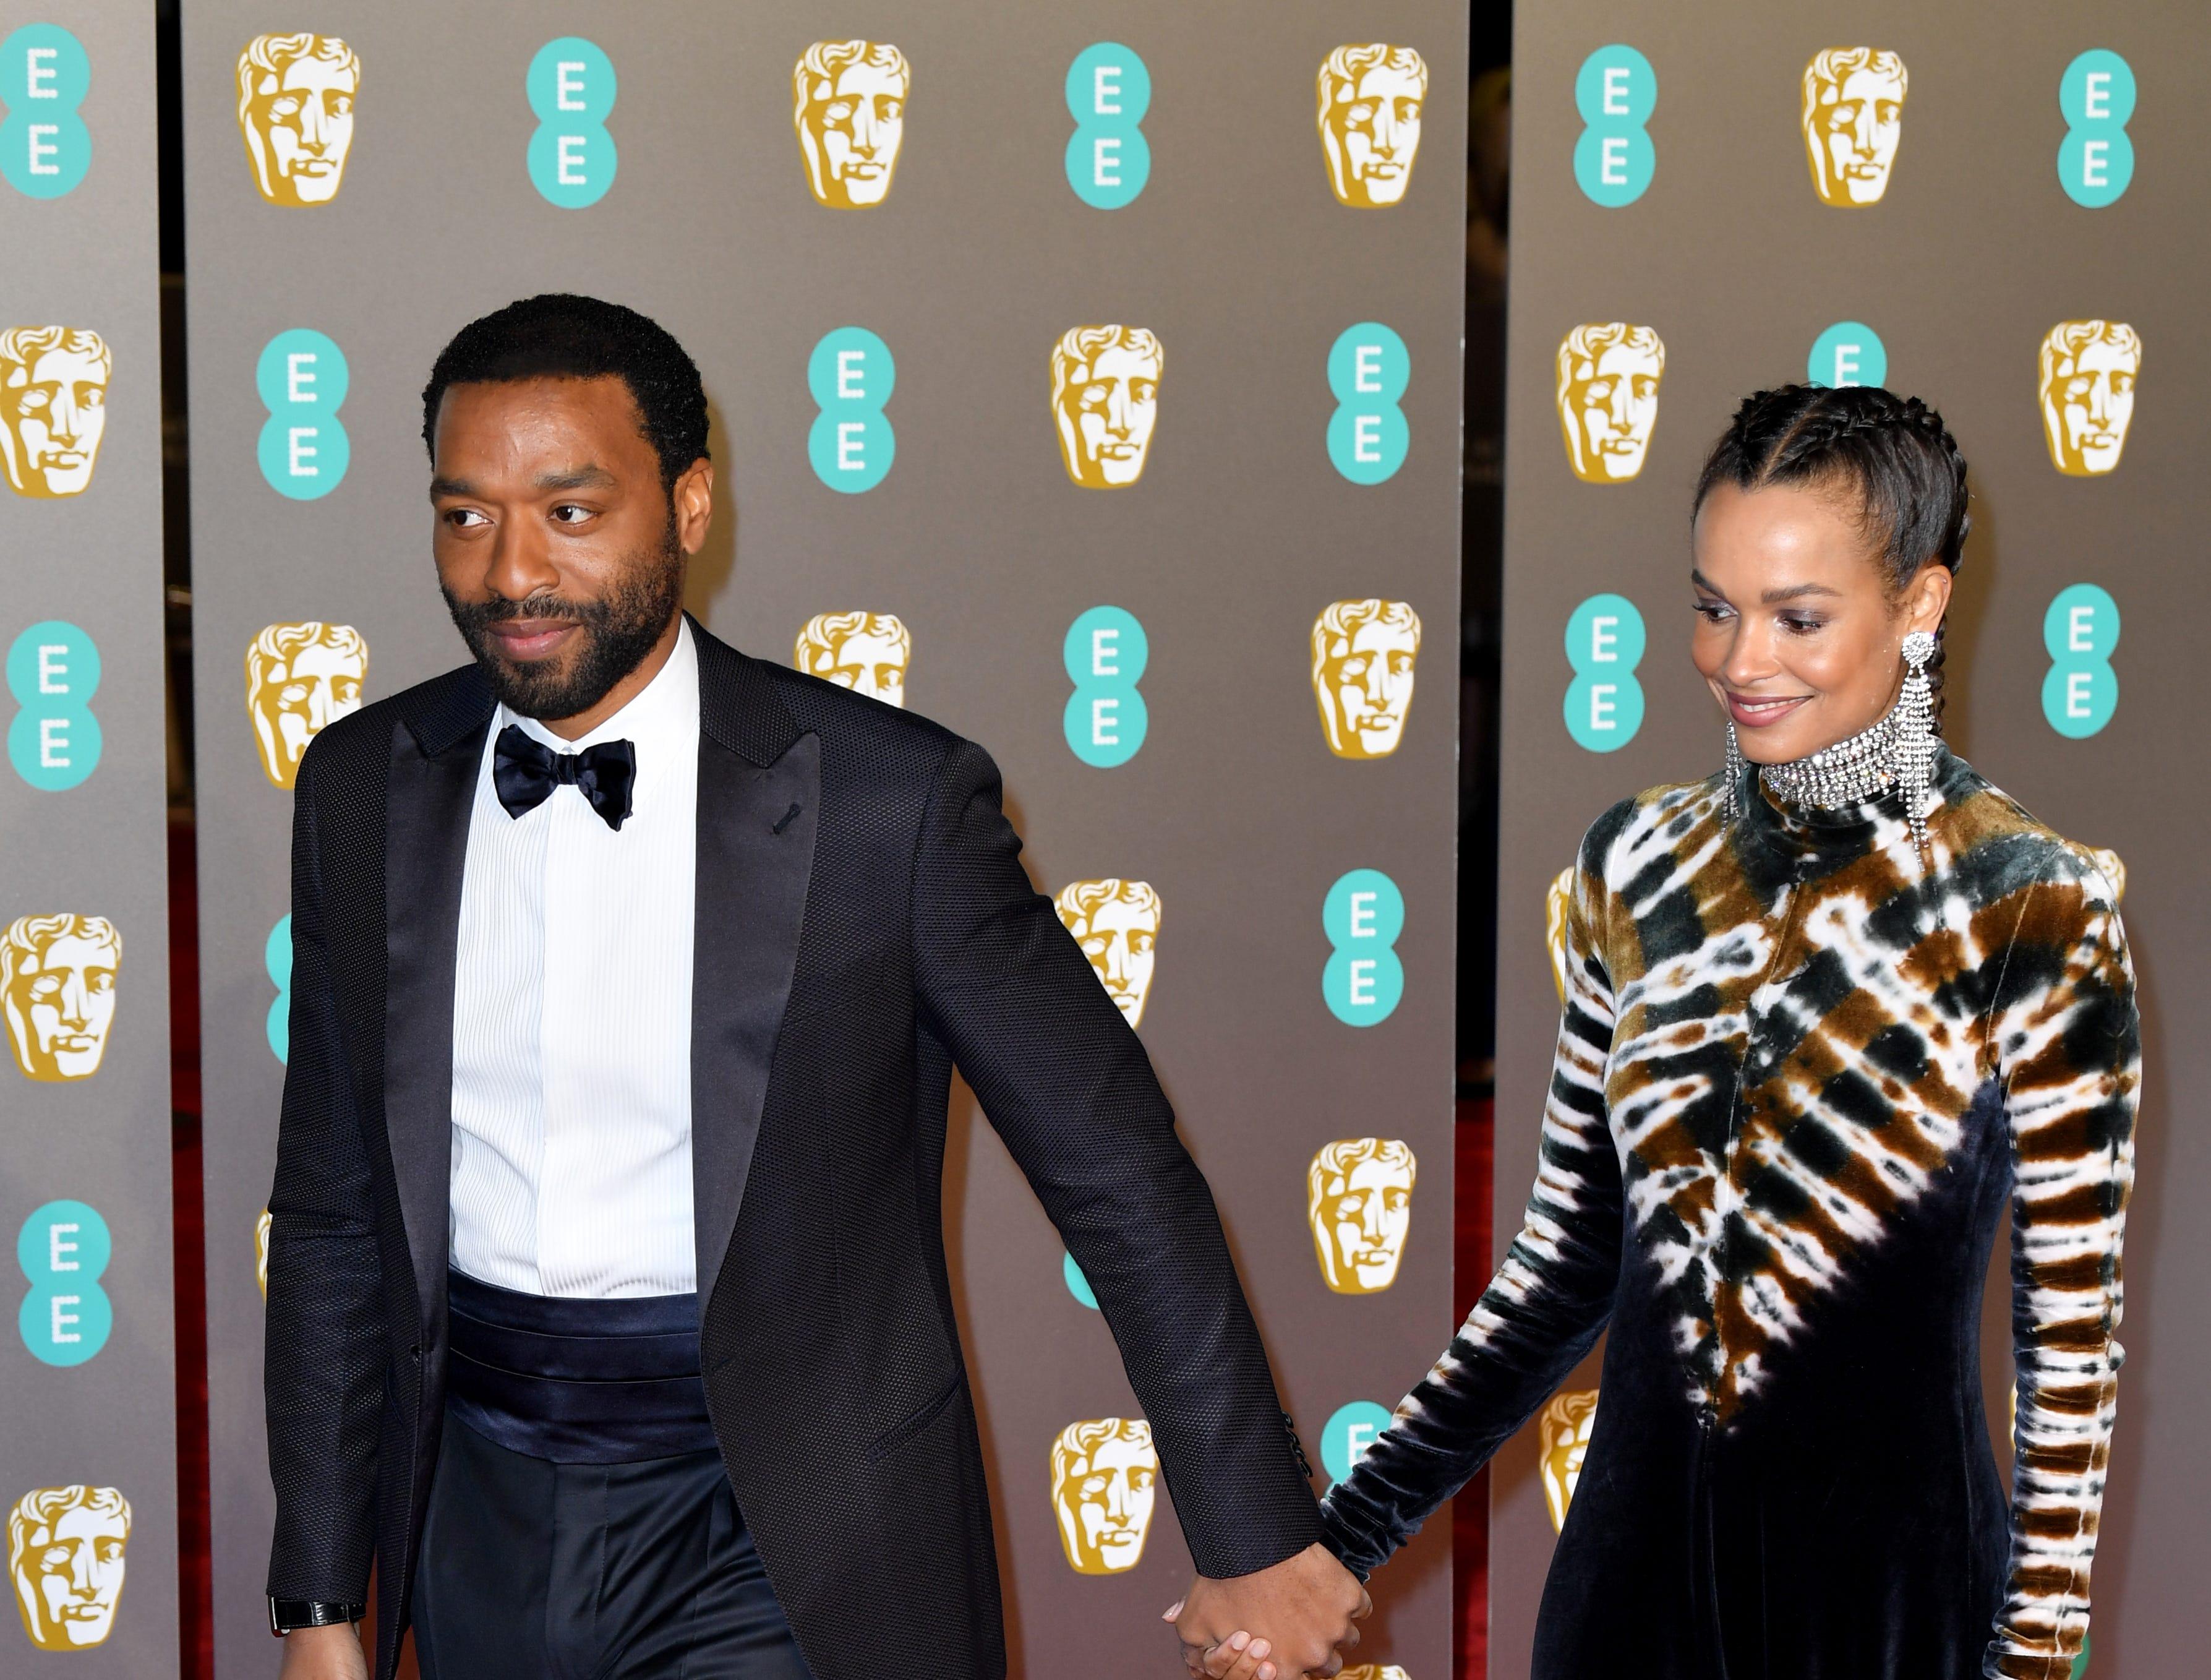 Chiwetel Ejiofor (izq) a su llegada a la alfombra roja de los Premios de la Academia Británica de Cine BAFTA en el Royal Albert Hall en Londres el 10 de febrero de 2019.